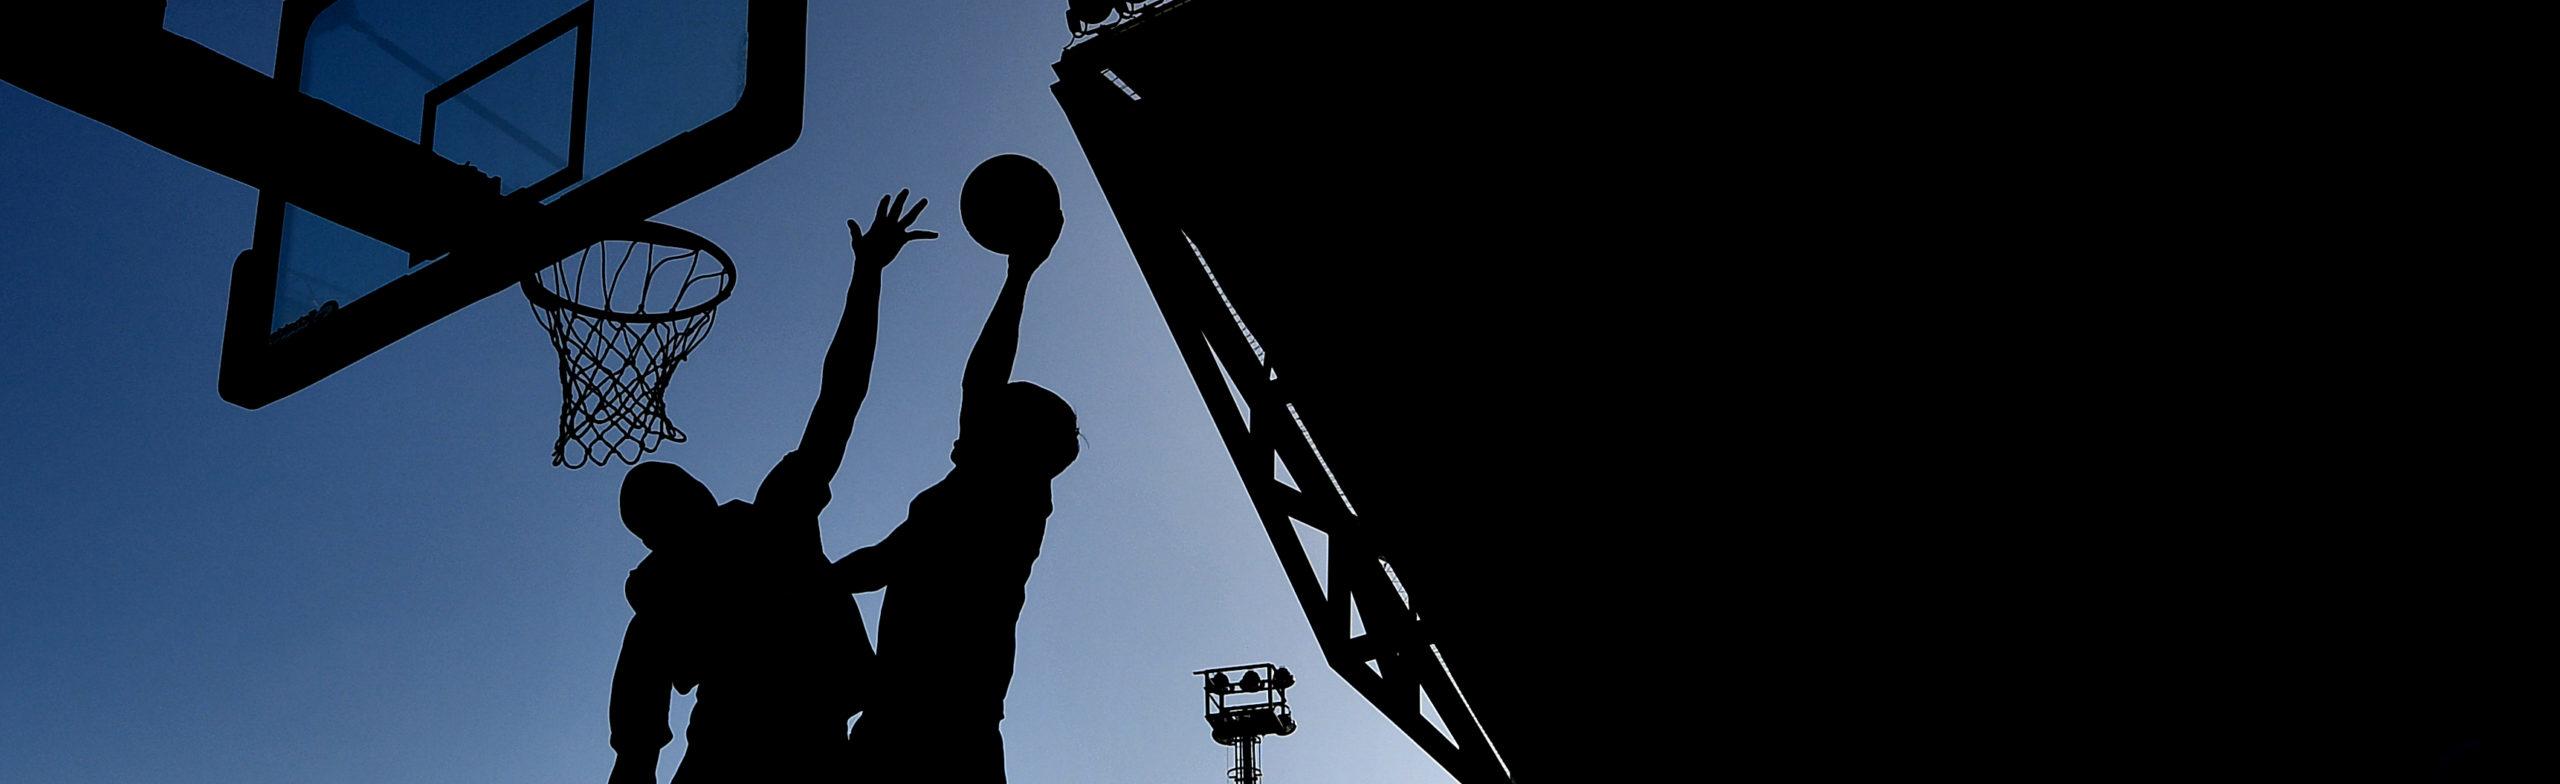 Pronostici NBA playoff: tutte le partite di oggi 18 agosto